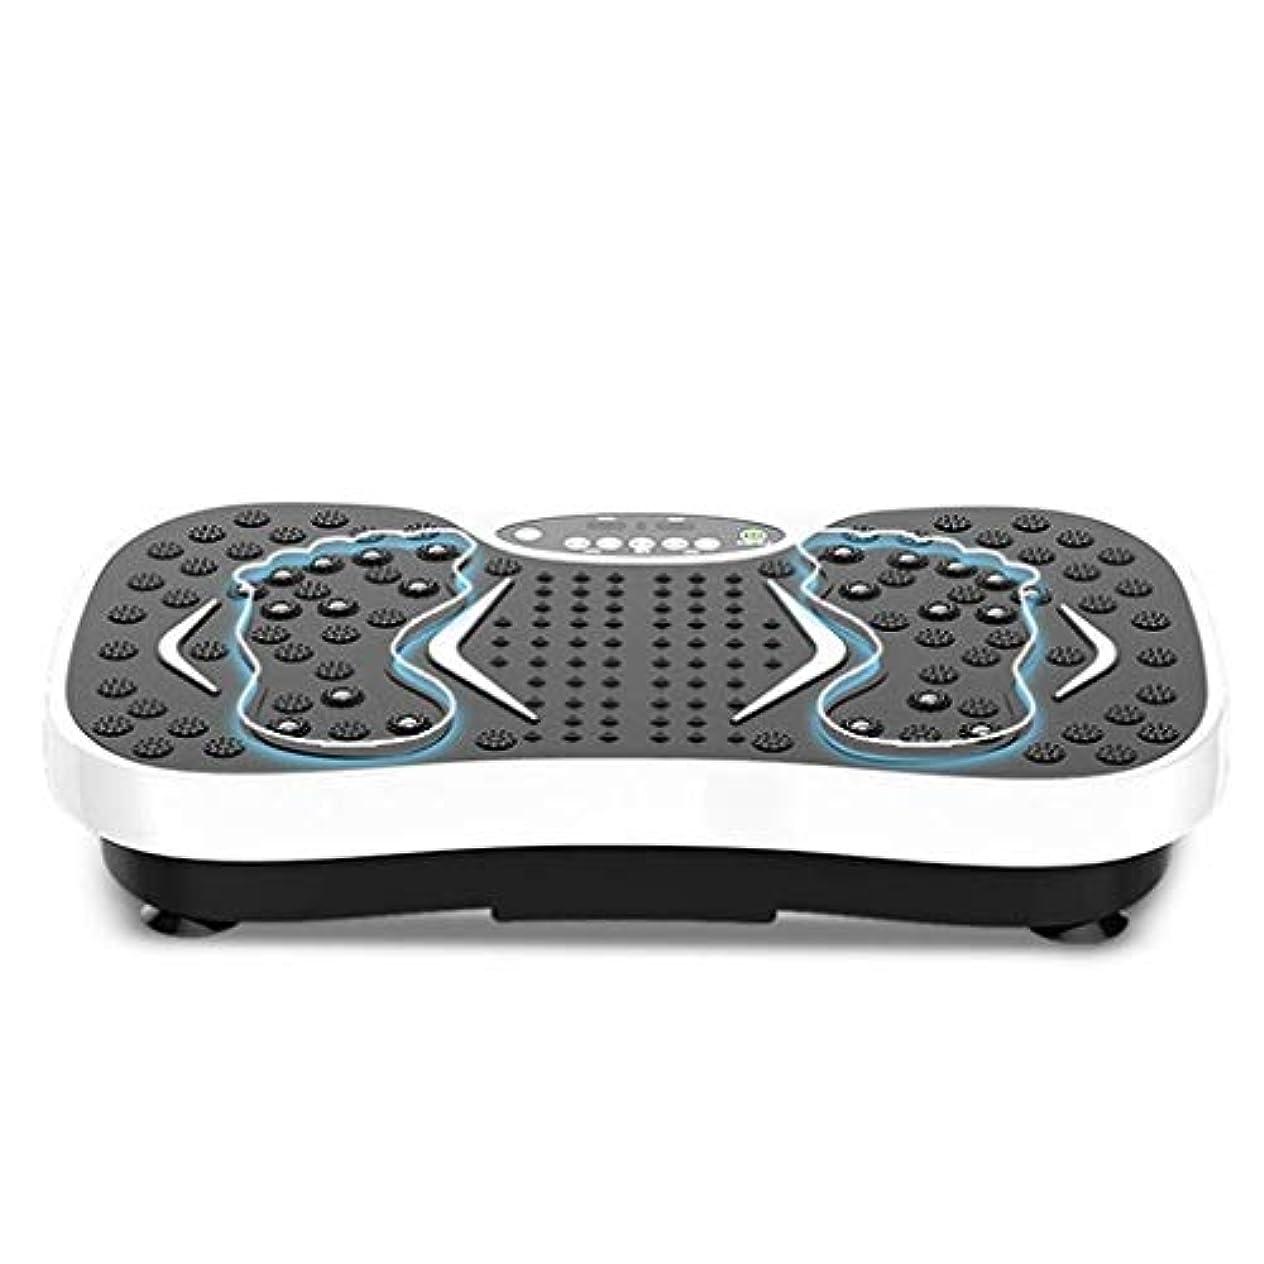 シンク合体受け入れ減量機、運動衝撃吸収フィットネスモデル減量機ユニセックス振動板、家庭/ジムに最適(最大負荷150KG) (Color : 白)